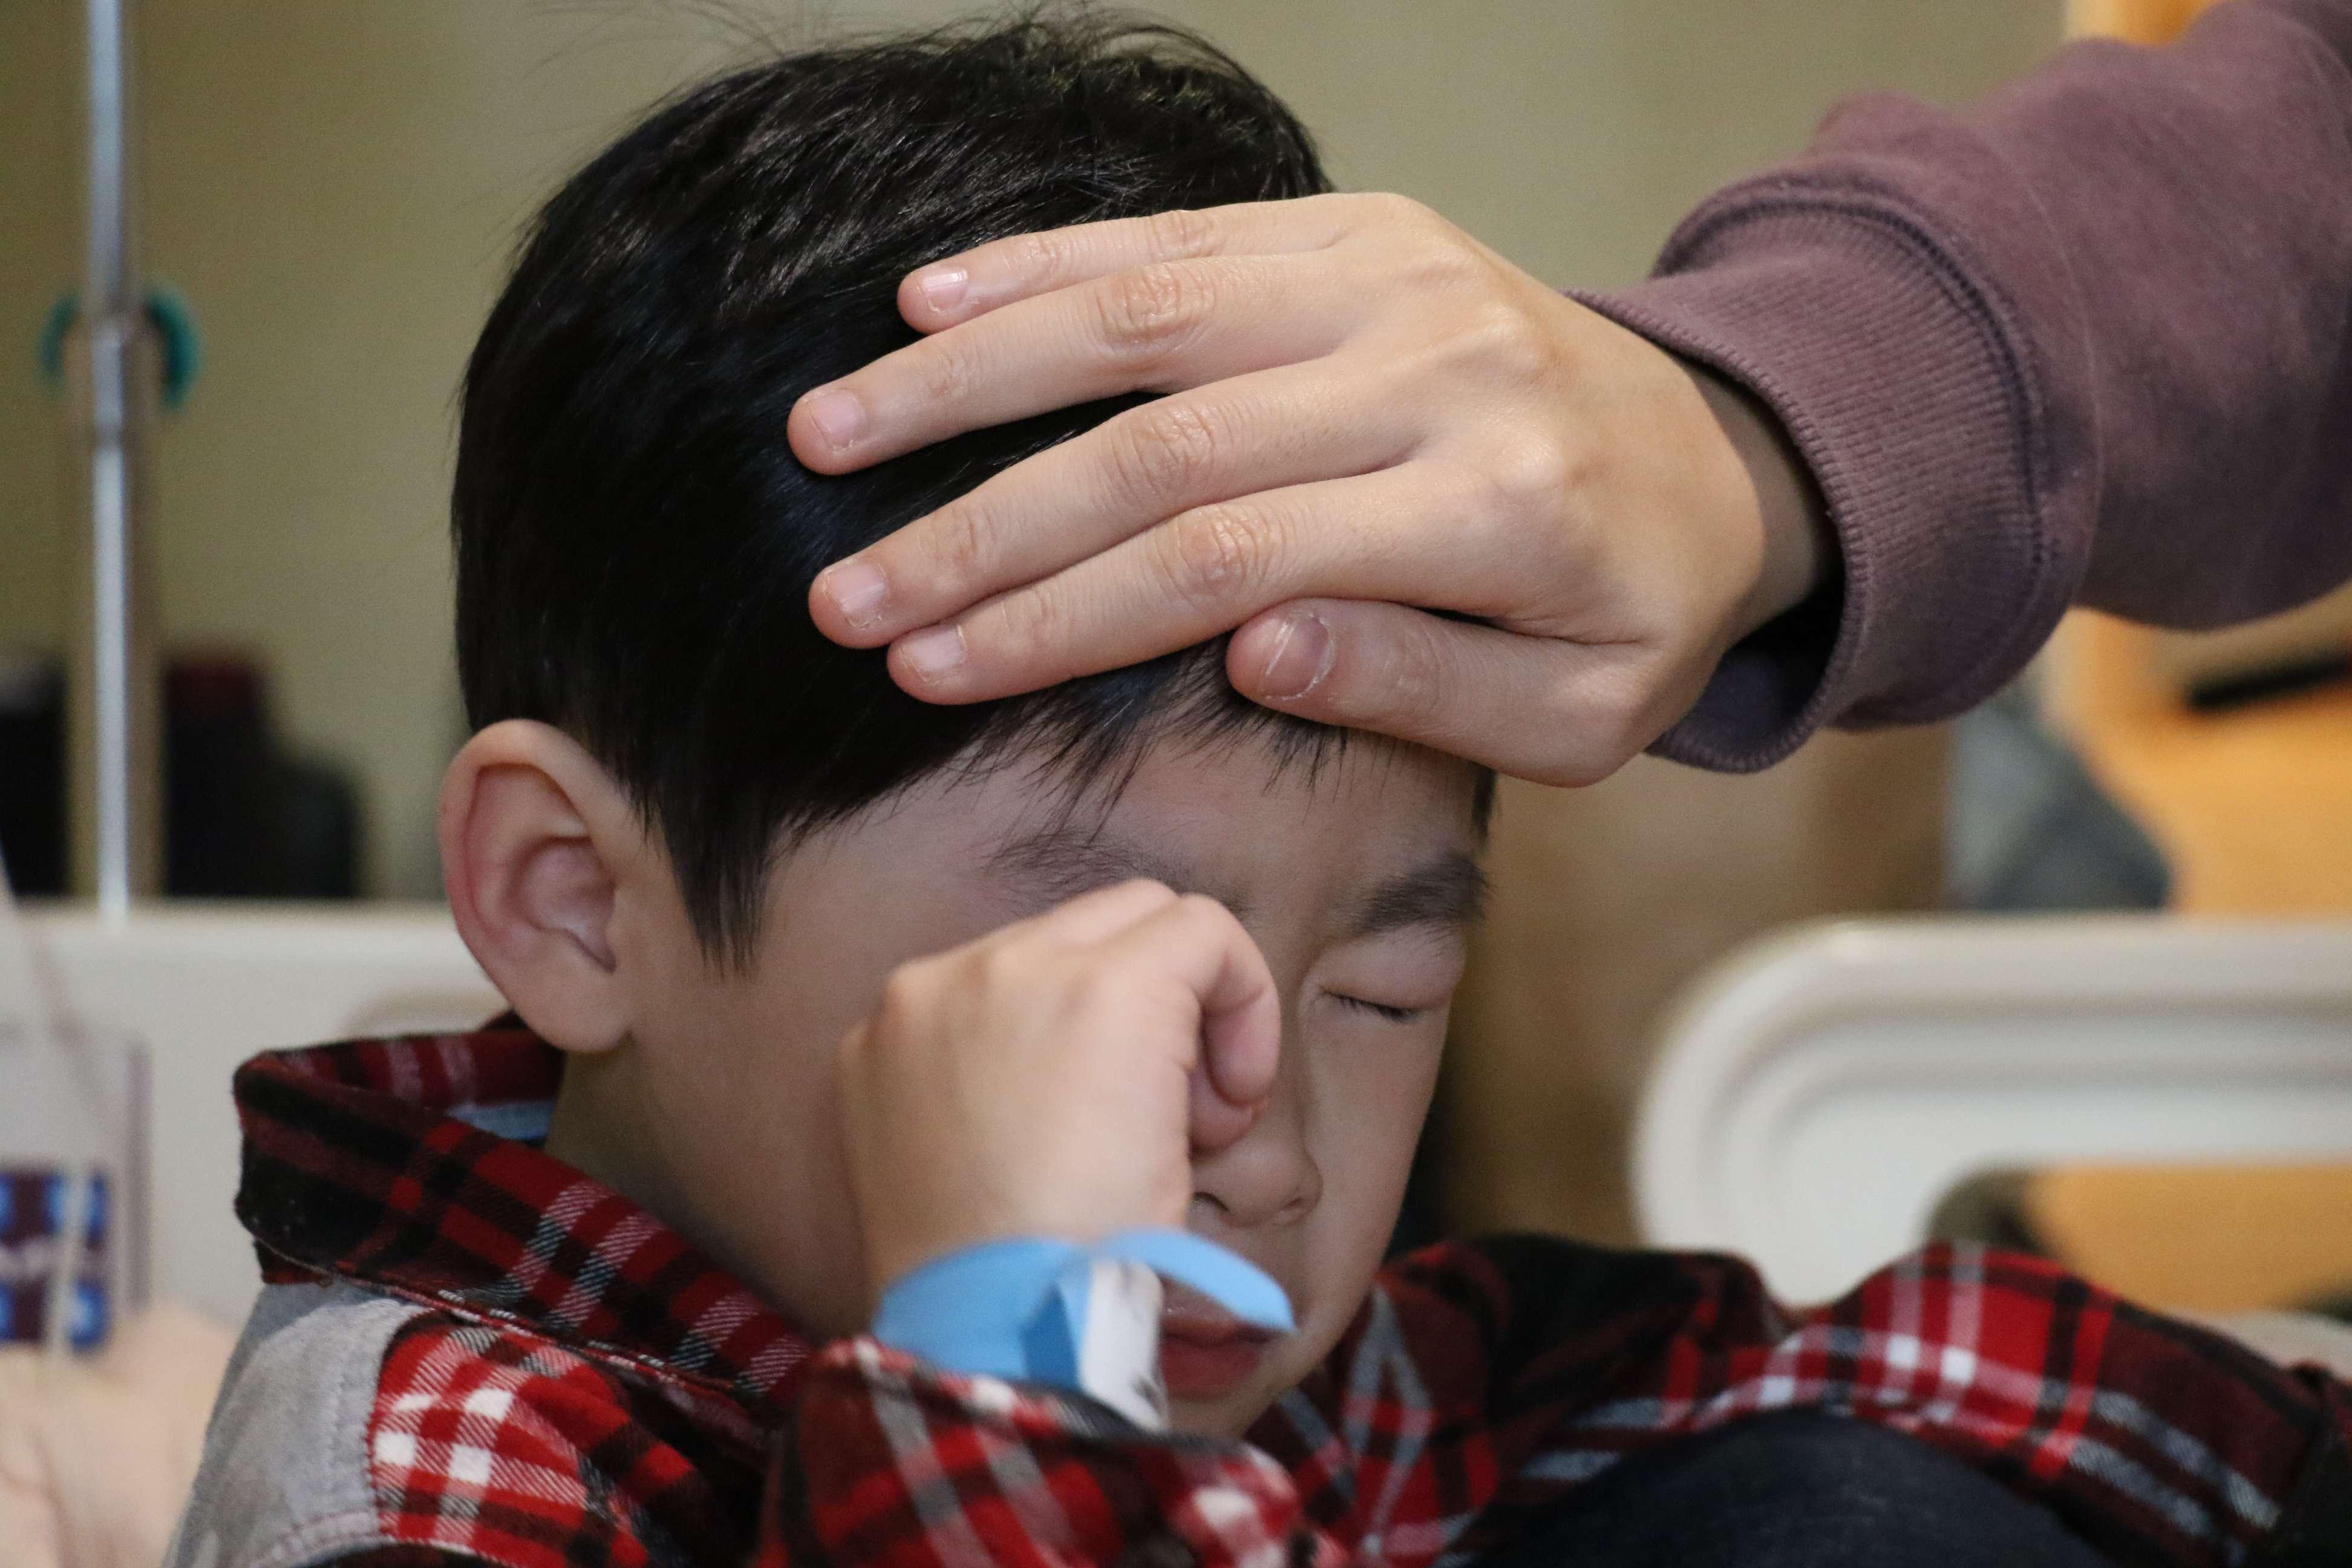 小朋友若疑似發燒症狀,千萬不要只用手測量溫度。